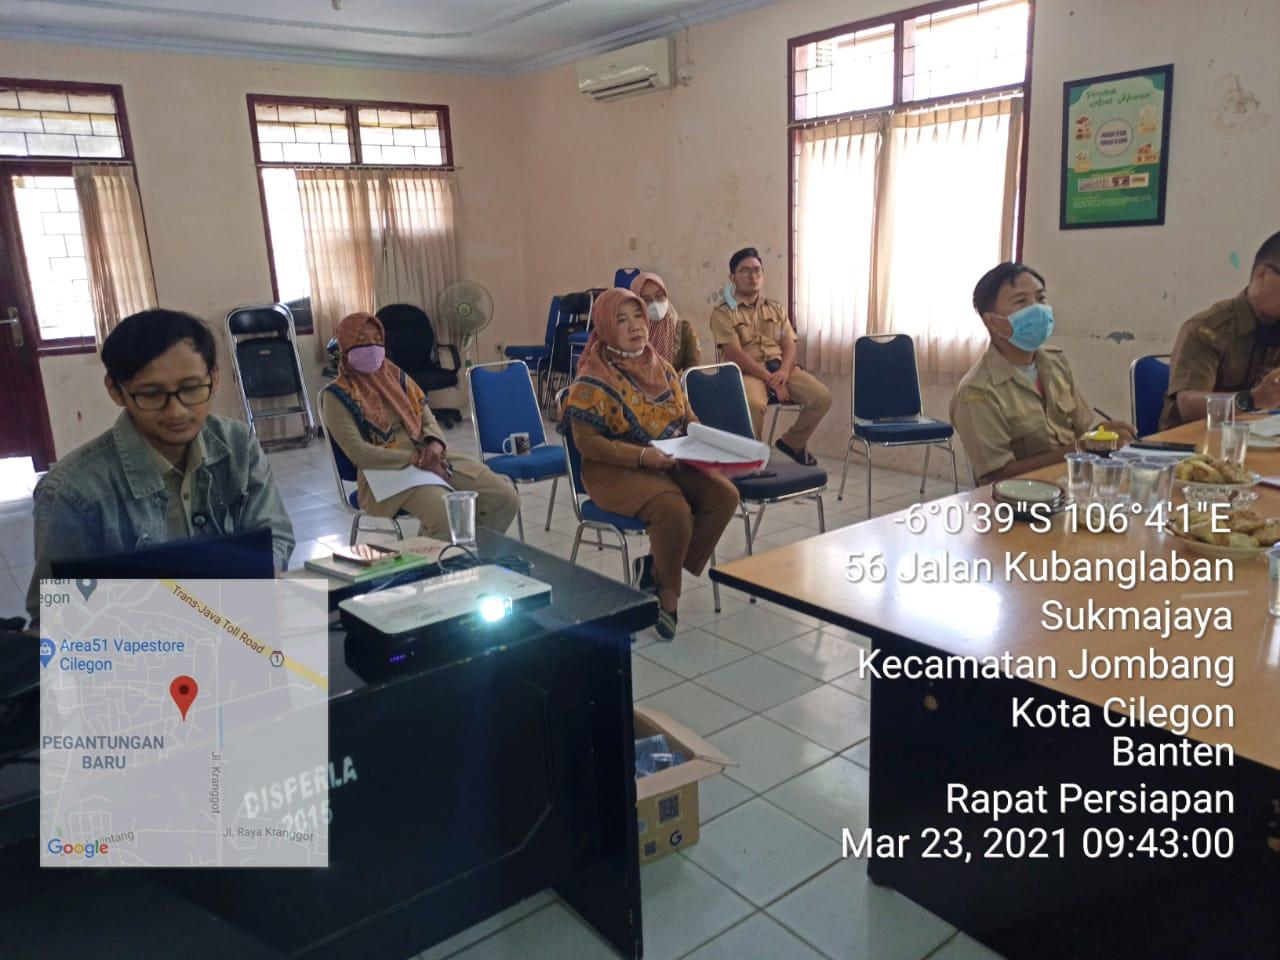 Rapat Persiapan Bidang Peternakan dan Keswan | Peternakan ...